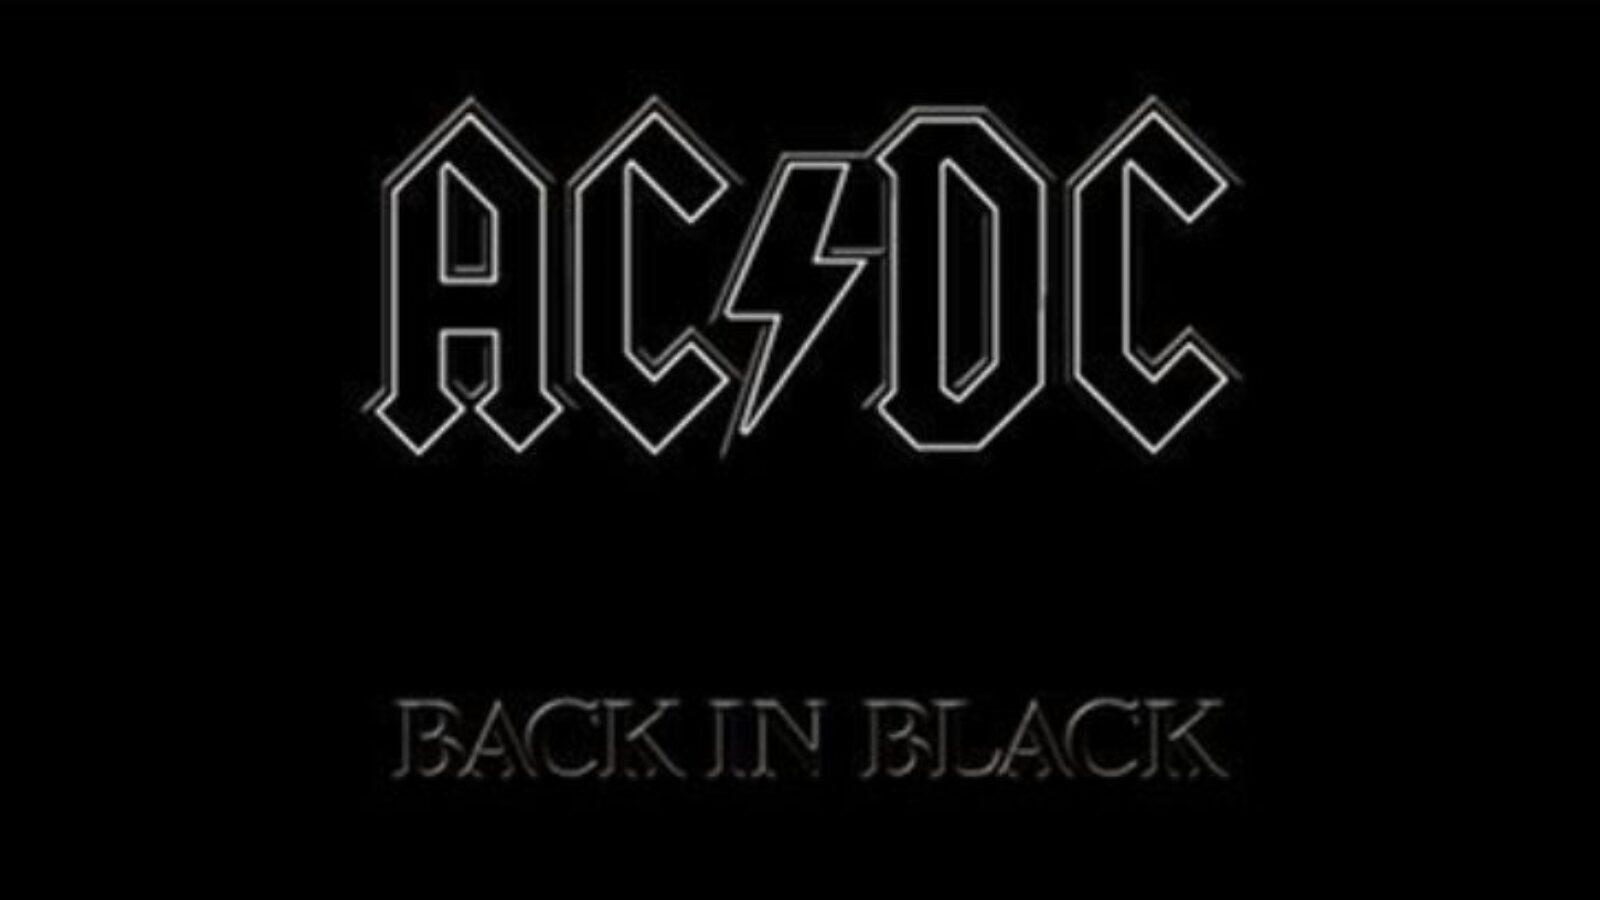 OXMOX gratuliert AC/DC!